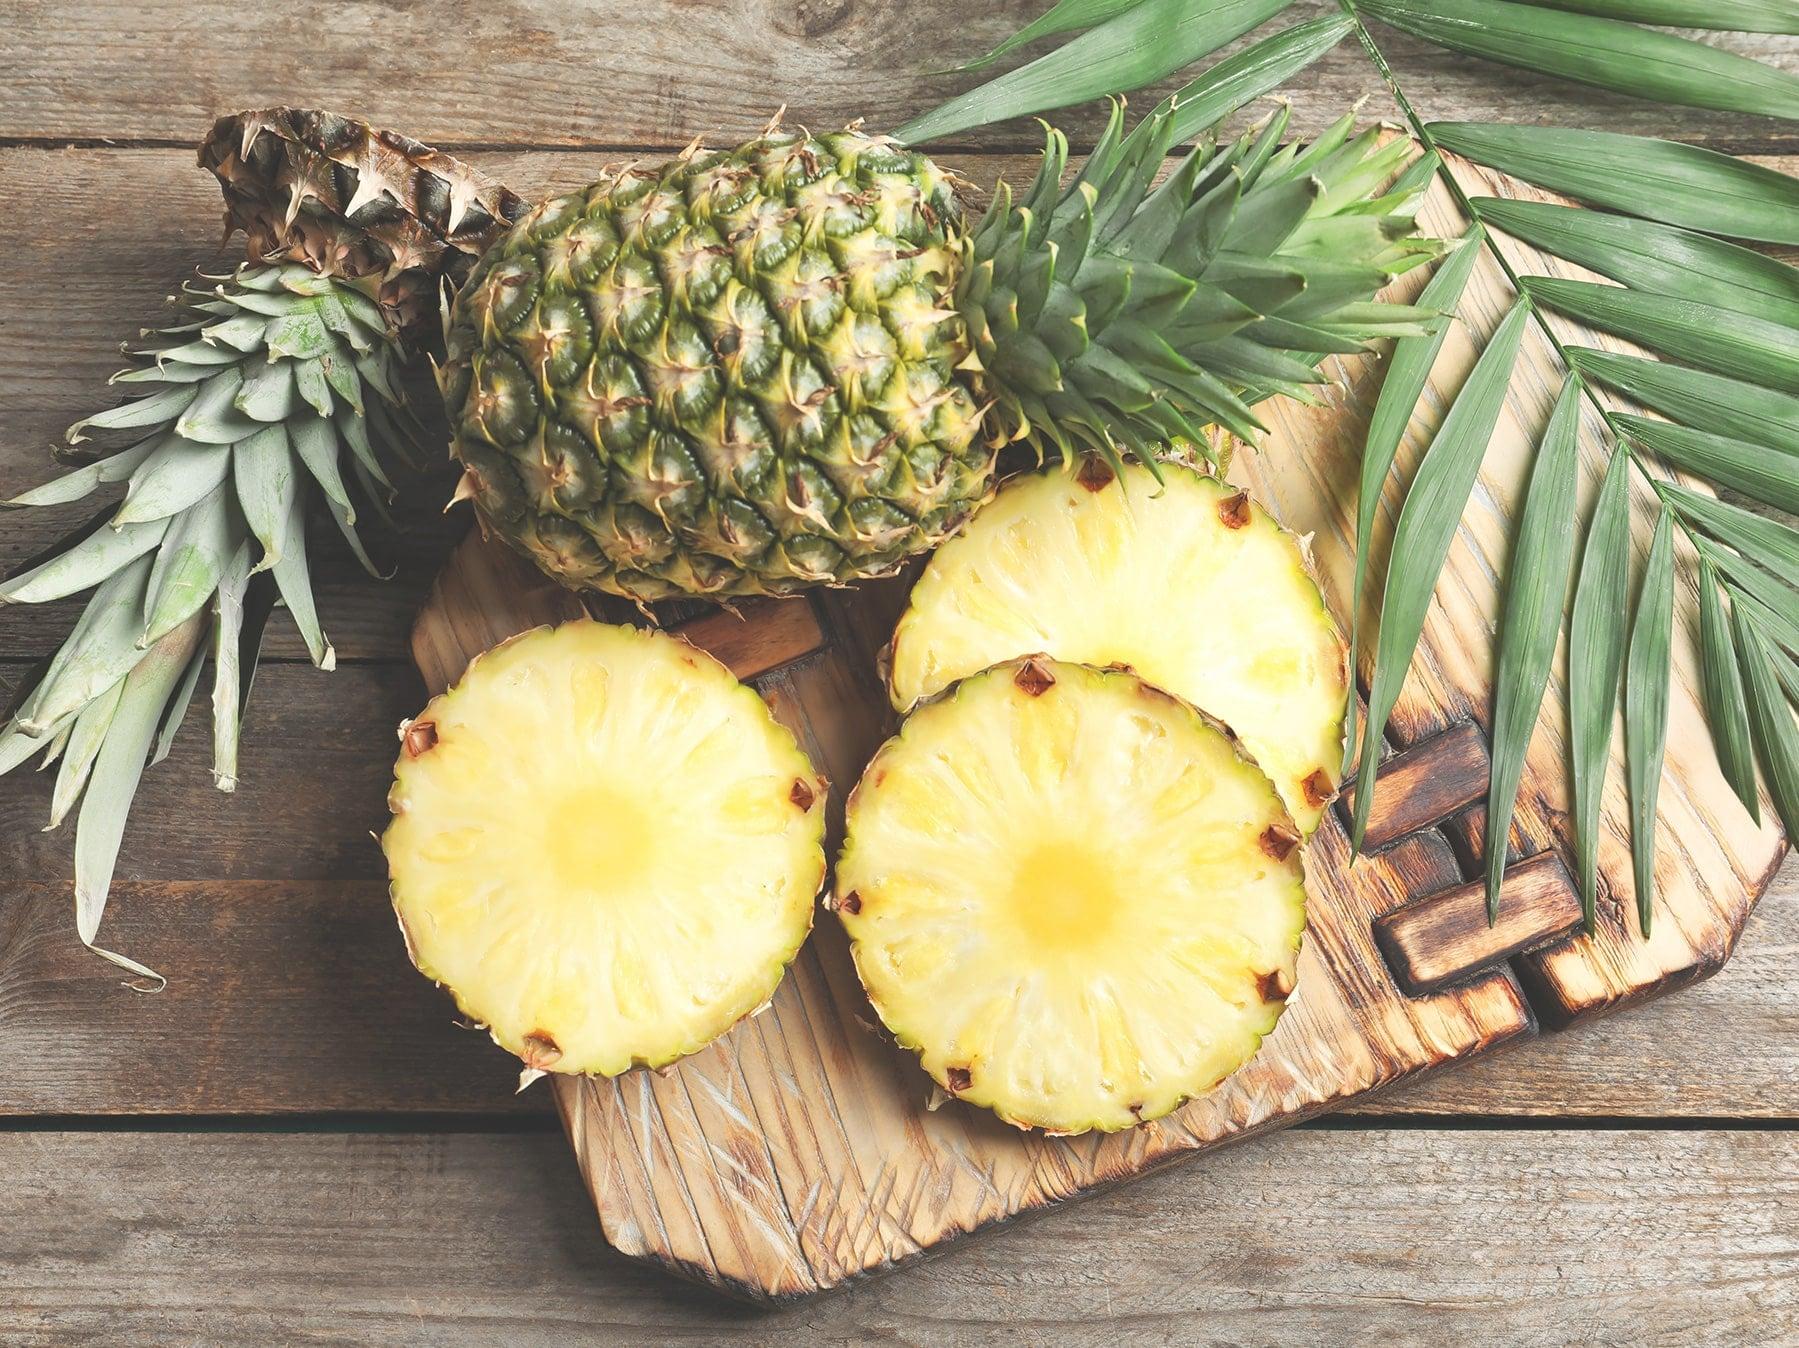 パイナップルの葉で作る天然繊維